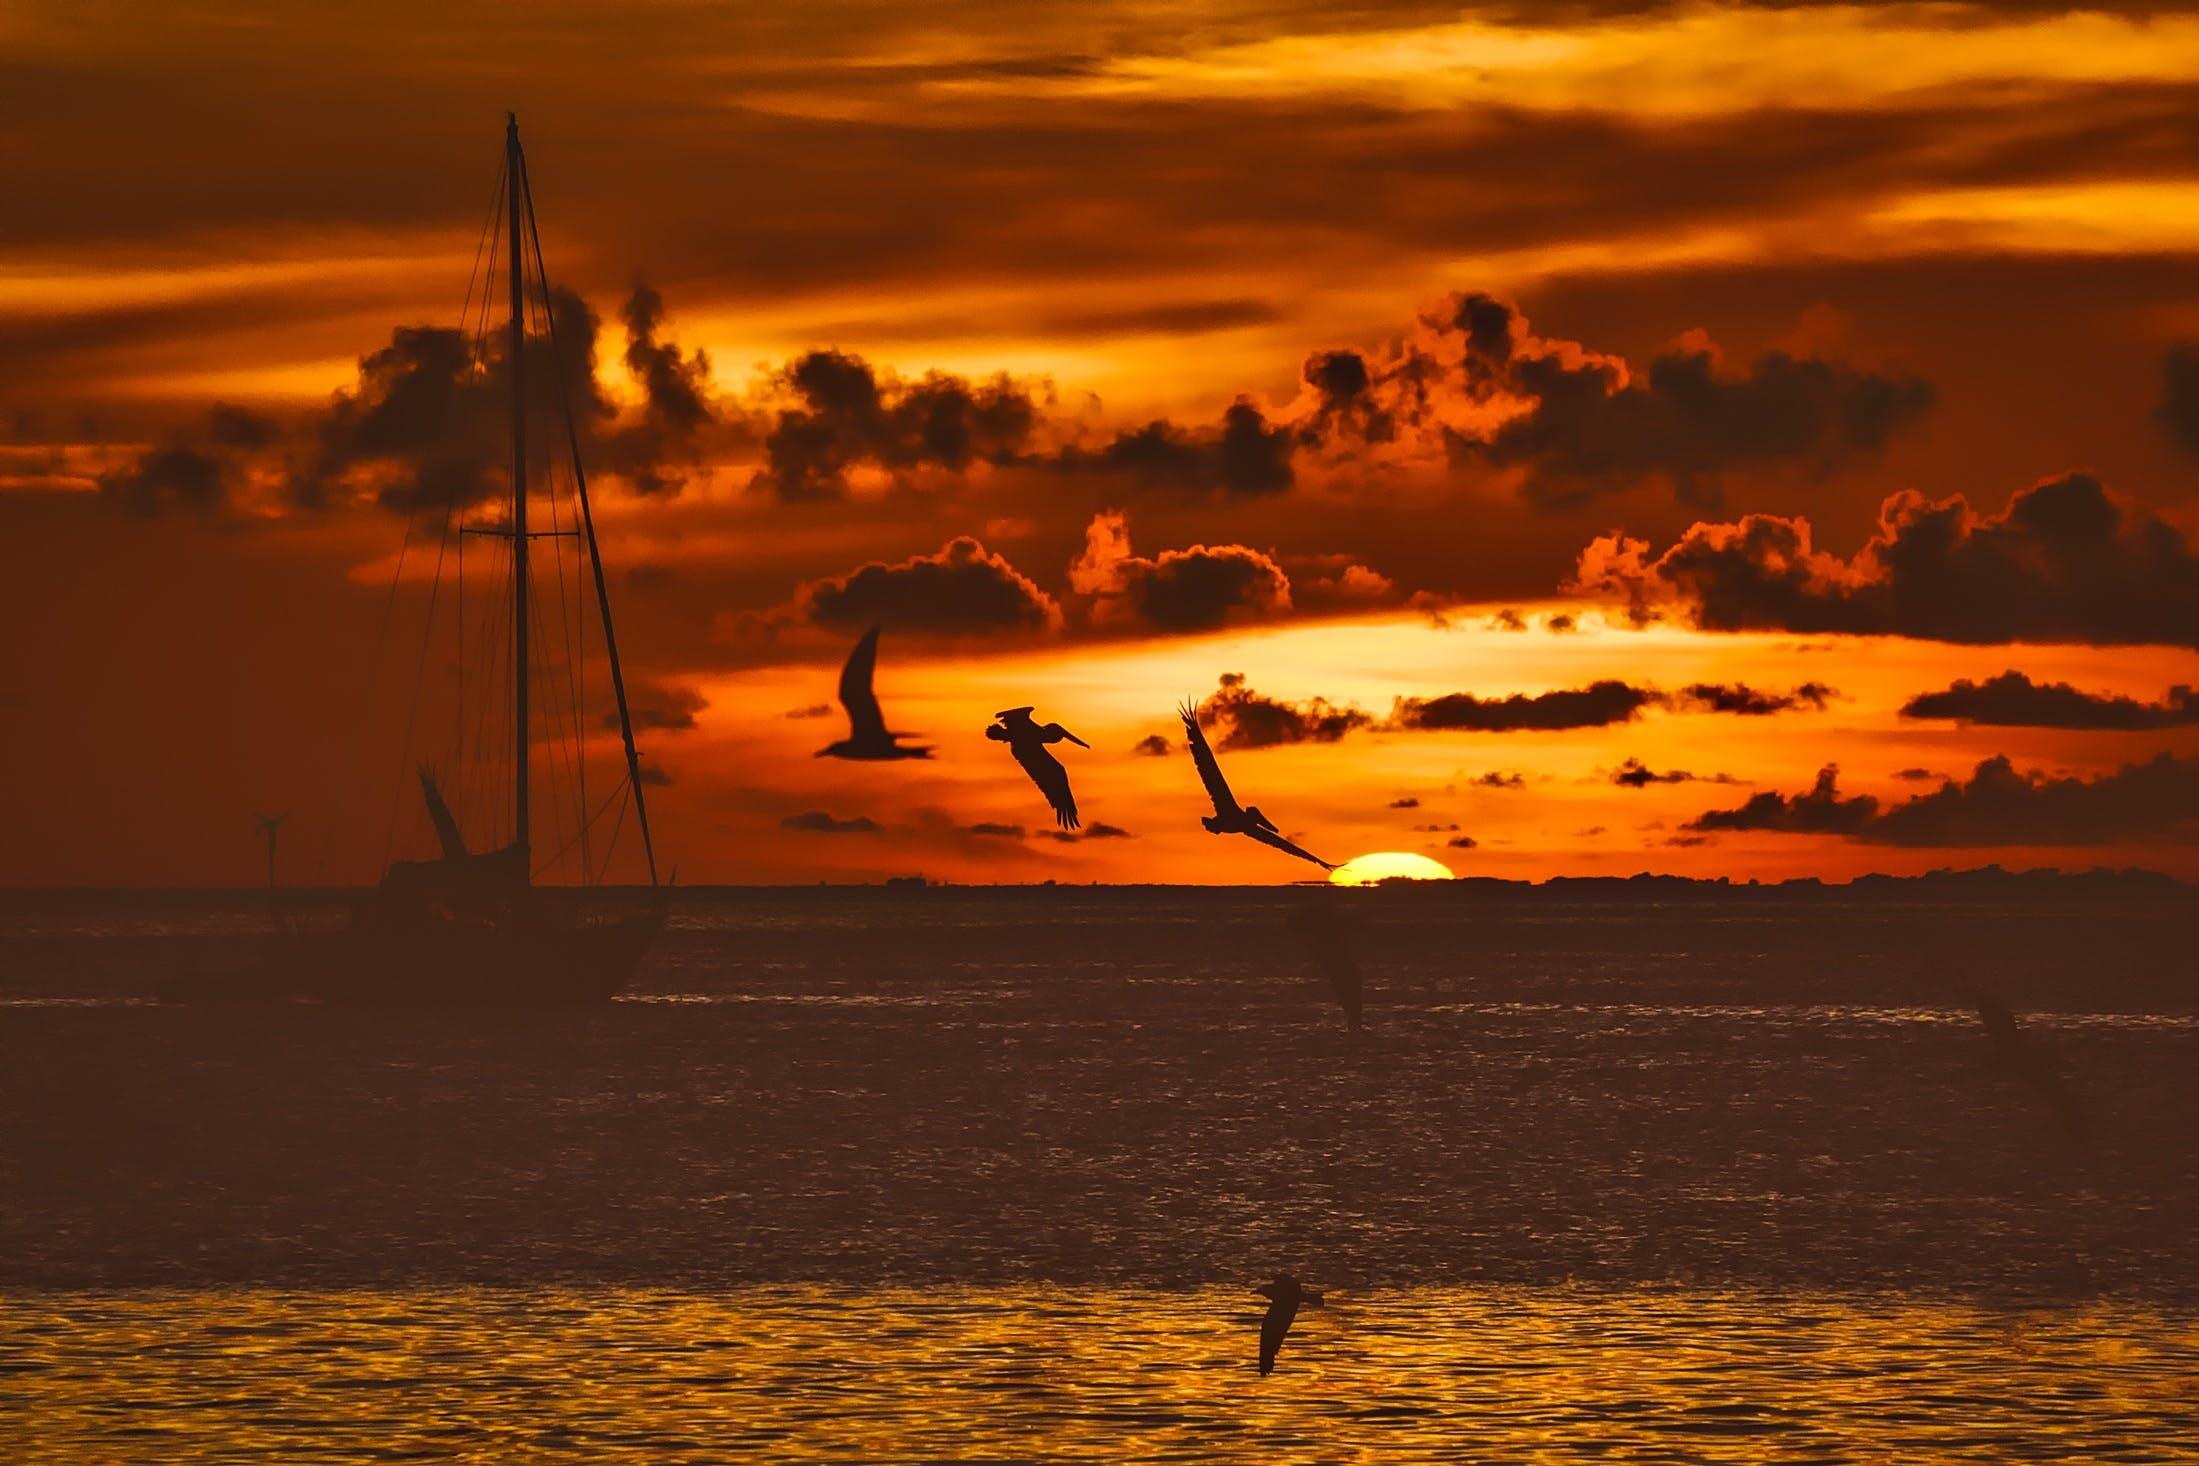 Kostenloses Stock Foto zu bunt, dämmerung, fischerboot, hdr